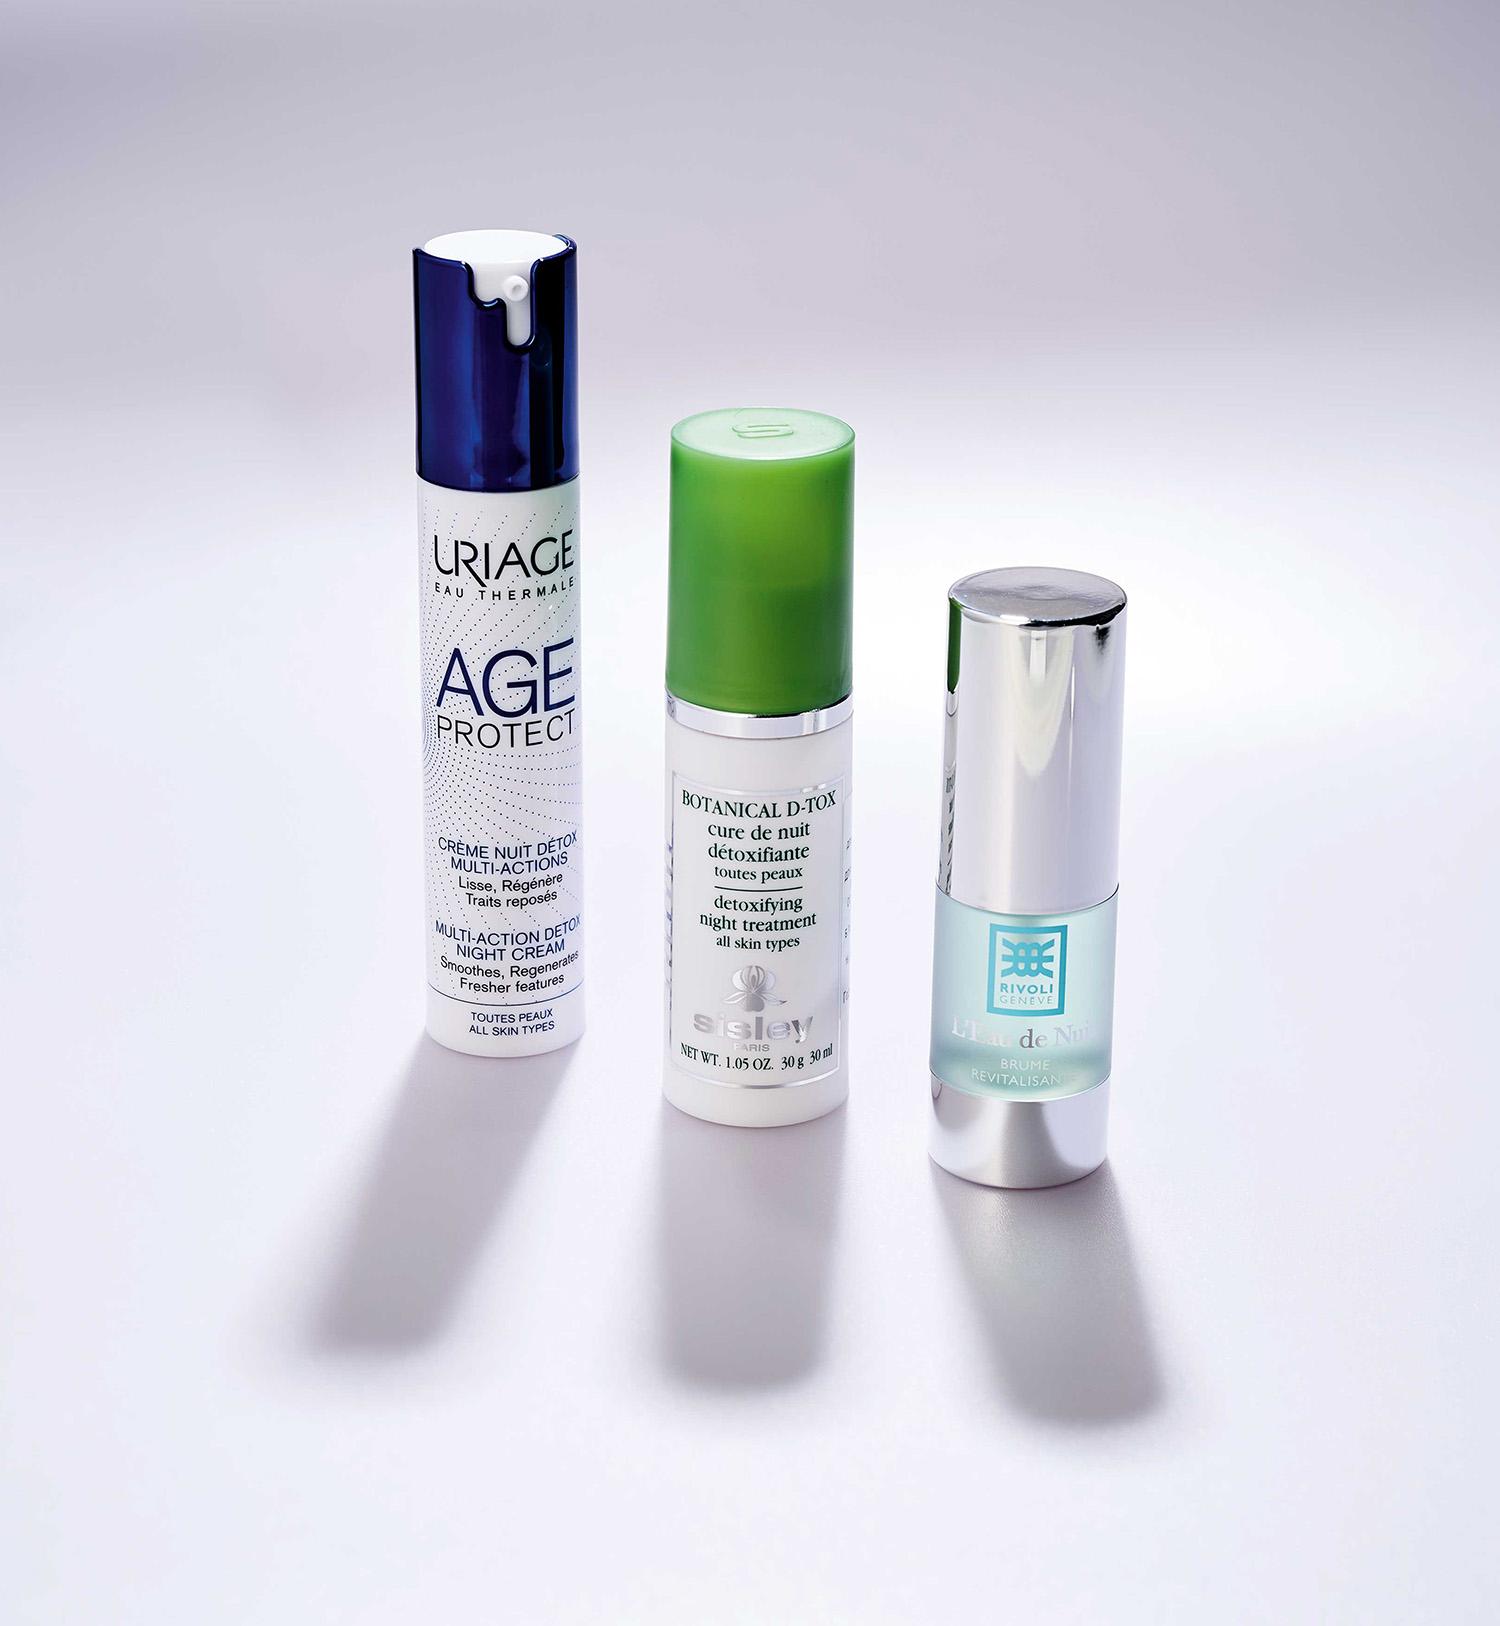 Ночной детокс-крем длялица Age Protect Creme Nuit Detox, Uriage  Ночная детокс-сыворотка длявсех типов кожи, Detoxifying Night Treatment, Sisley Ночной эликсир-спрей длявосстановления клеточного дыхания Elixir de Nuit, Rivoli